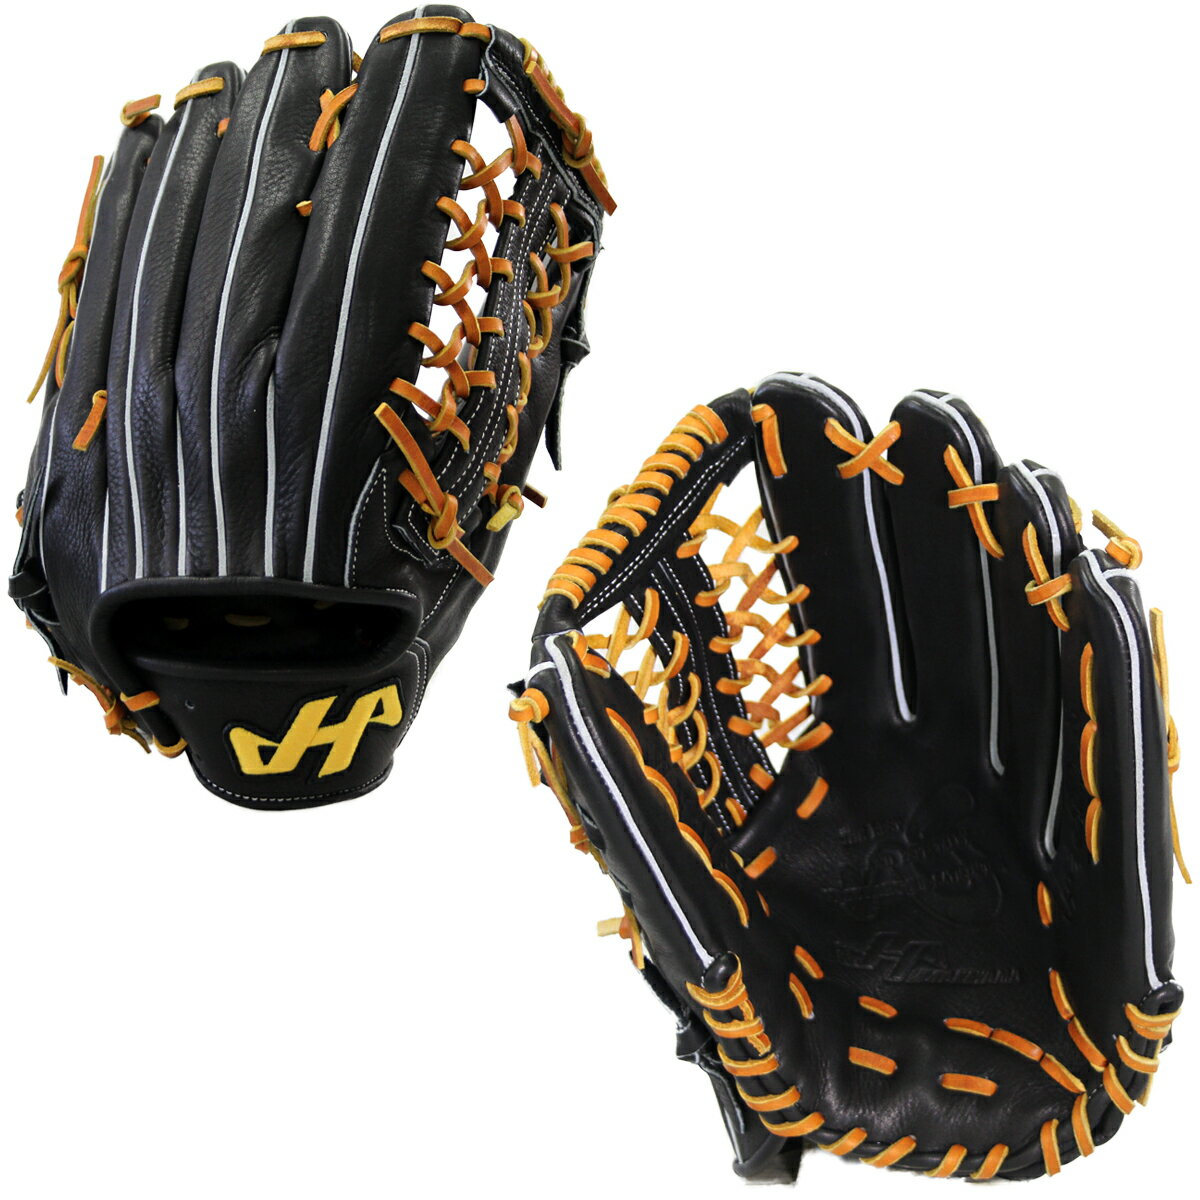 【あす楽対応】 ハタケヤマ 限定 和牛 軟式 グラブ 外野手用 WN-1781 軟式用 グローブ 野球用品 スワロースポーツ